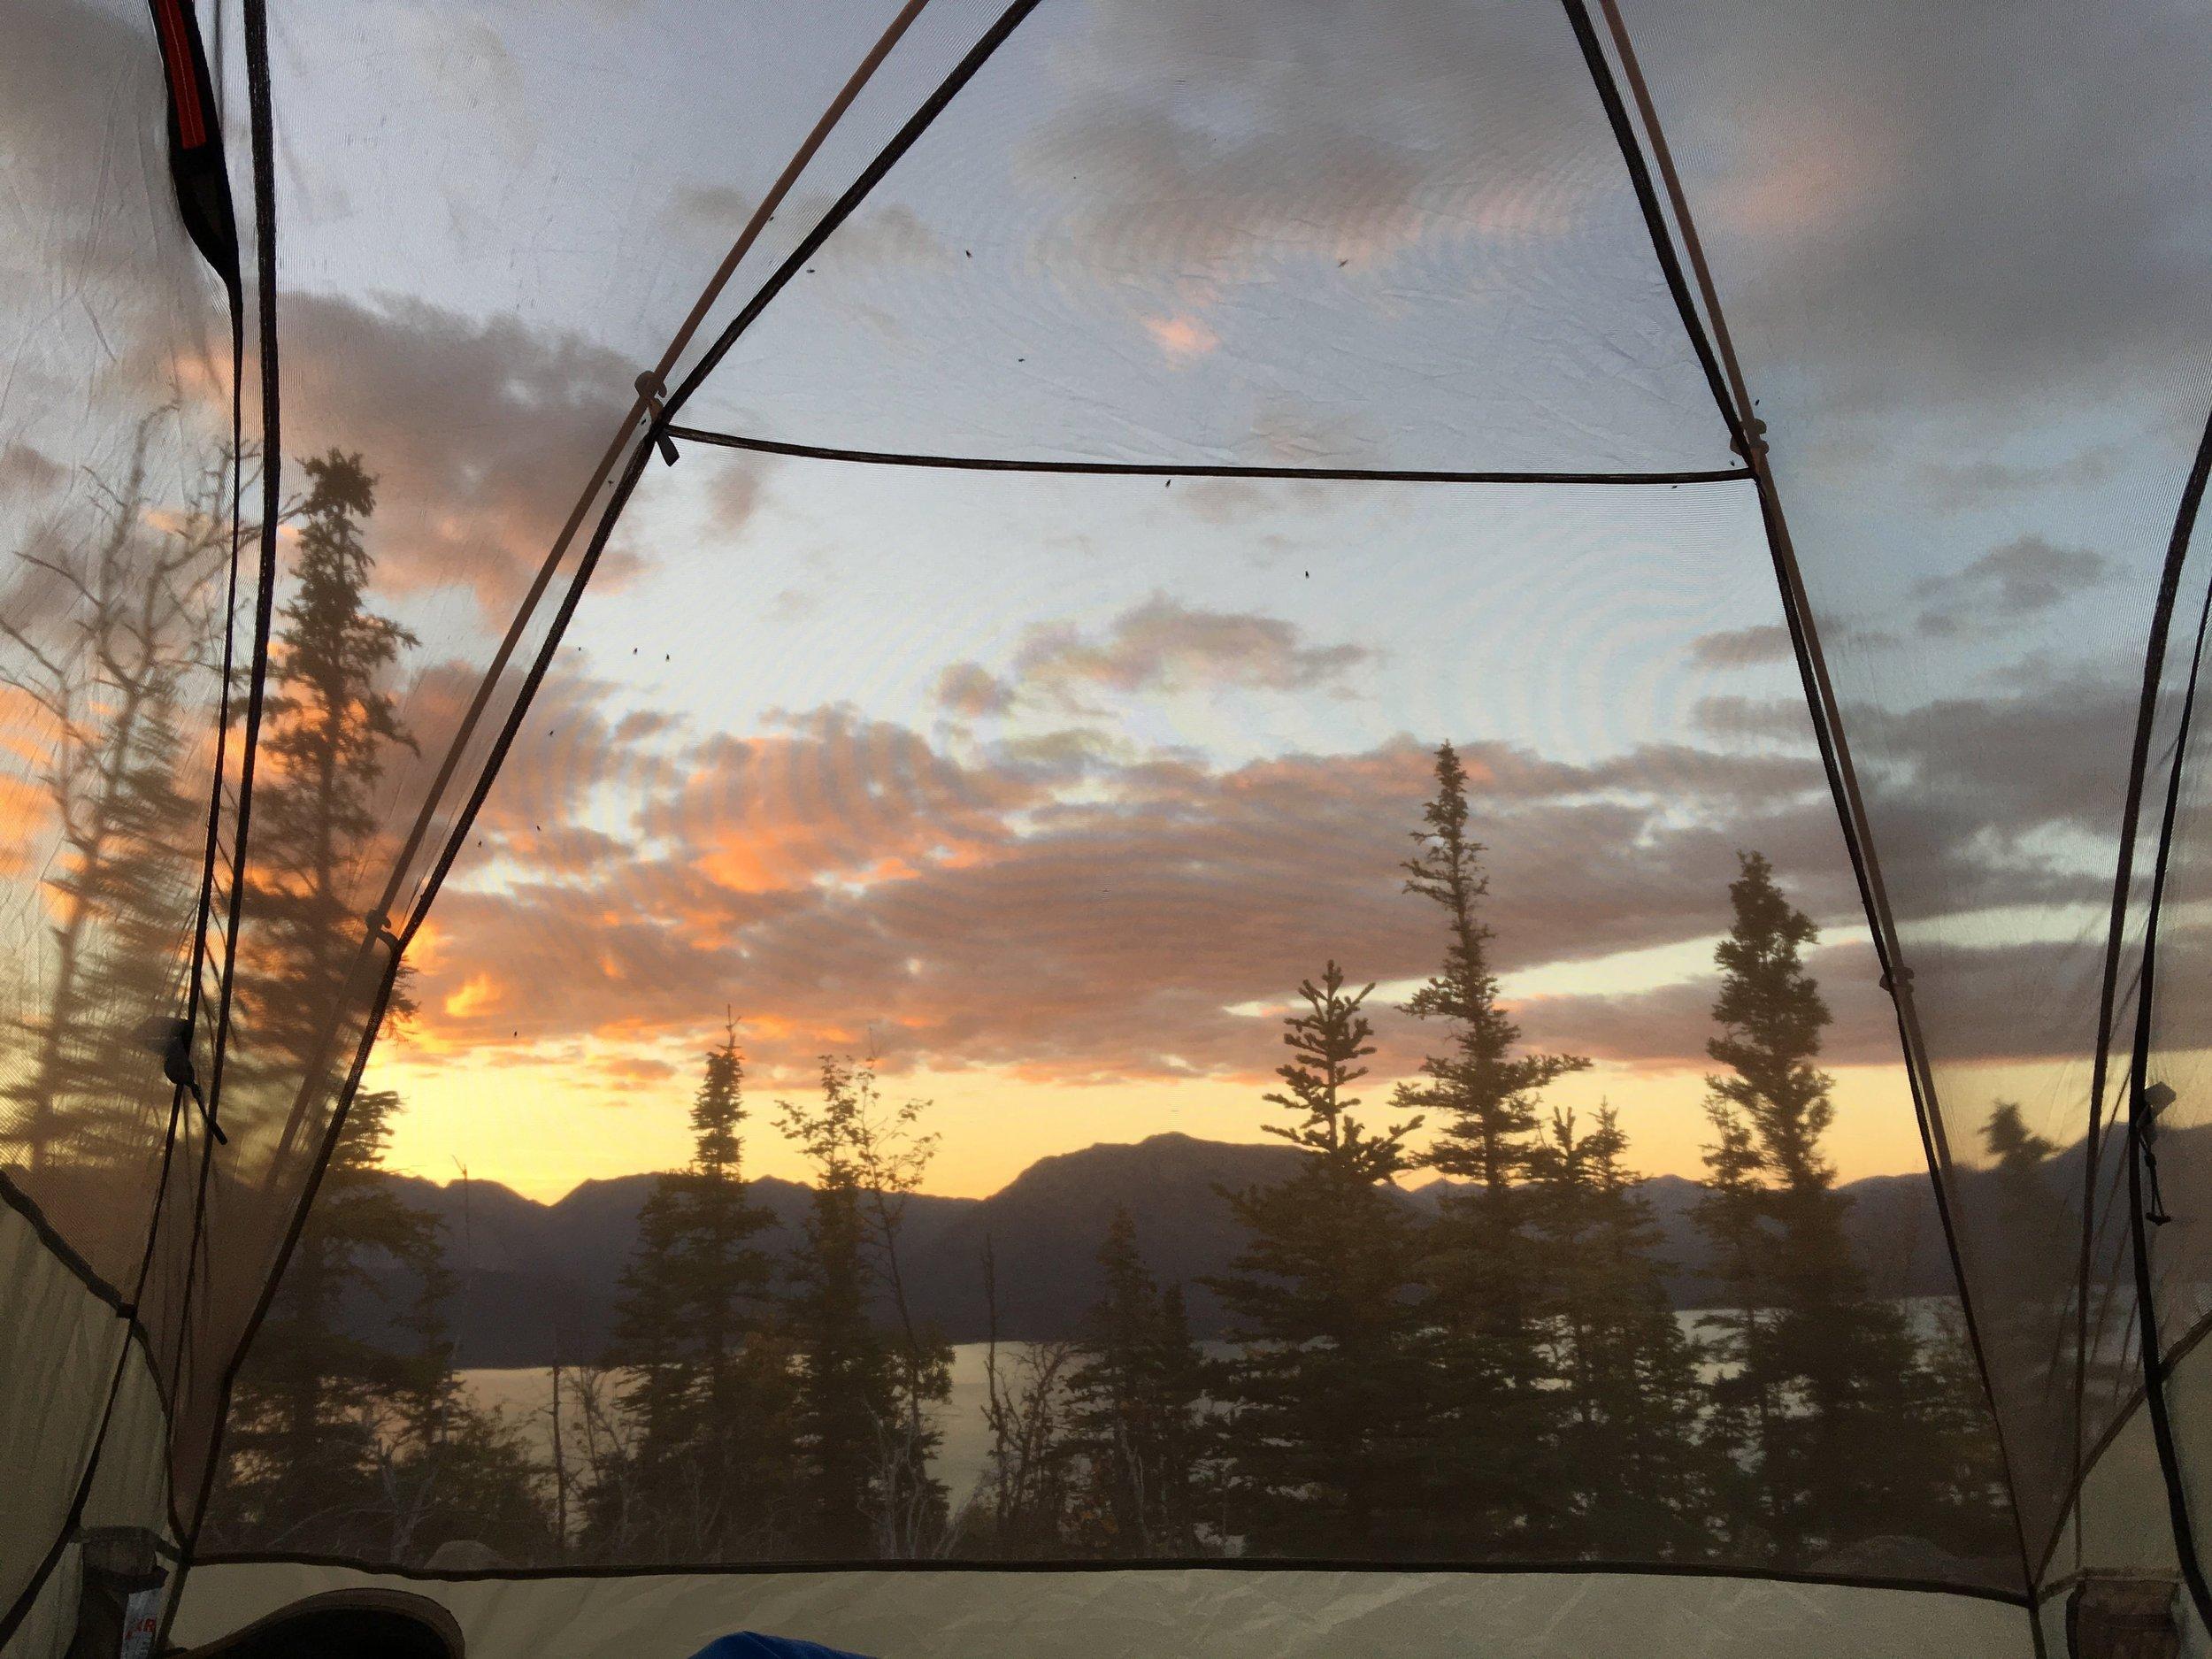 camp-lake-clark-national-park-alaska.jpg